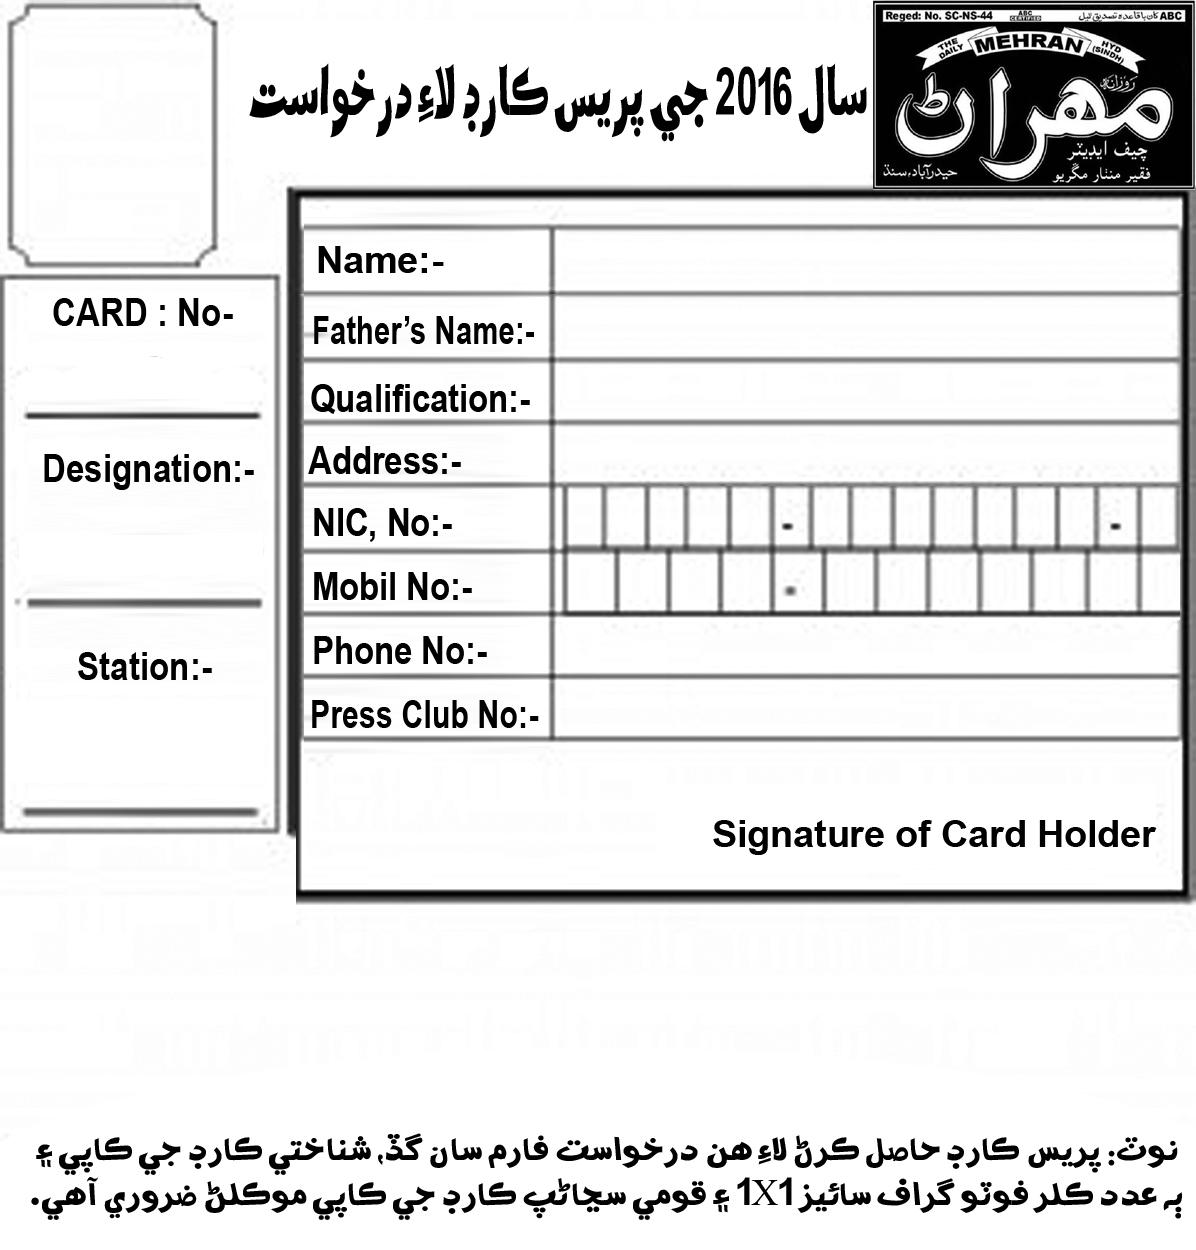 http://dailymehran.net/wp-content/uploads/2016/02/Form-of-Press-Card-2016.jpg